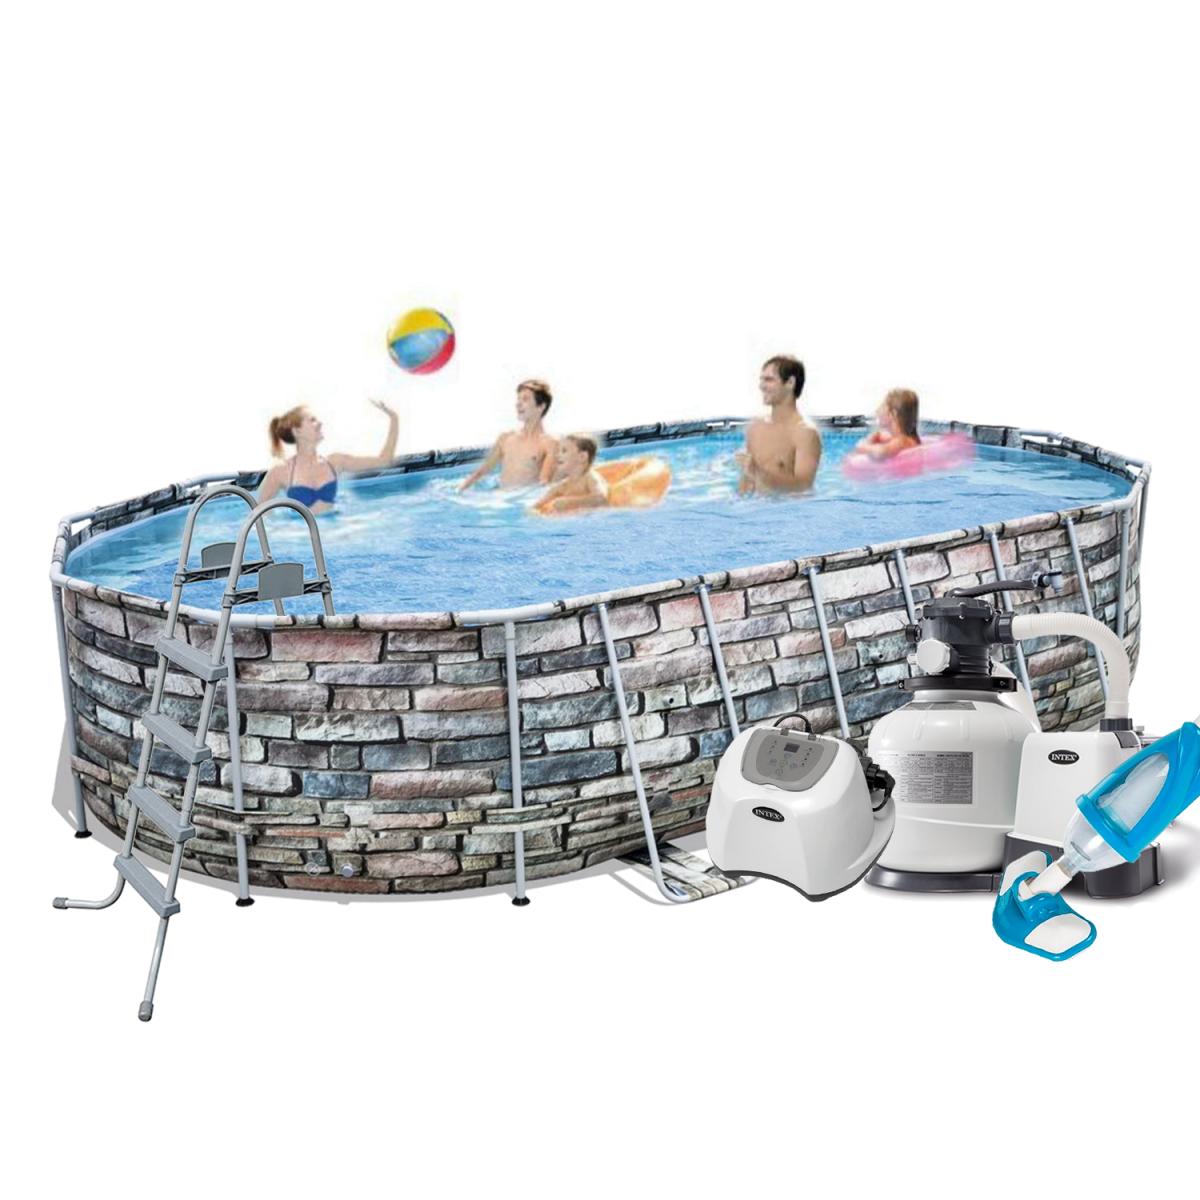 Каркасный бассейн Bestway  гидромассажем,  подстилка, лестница, гидромассаж, подсветка)